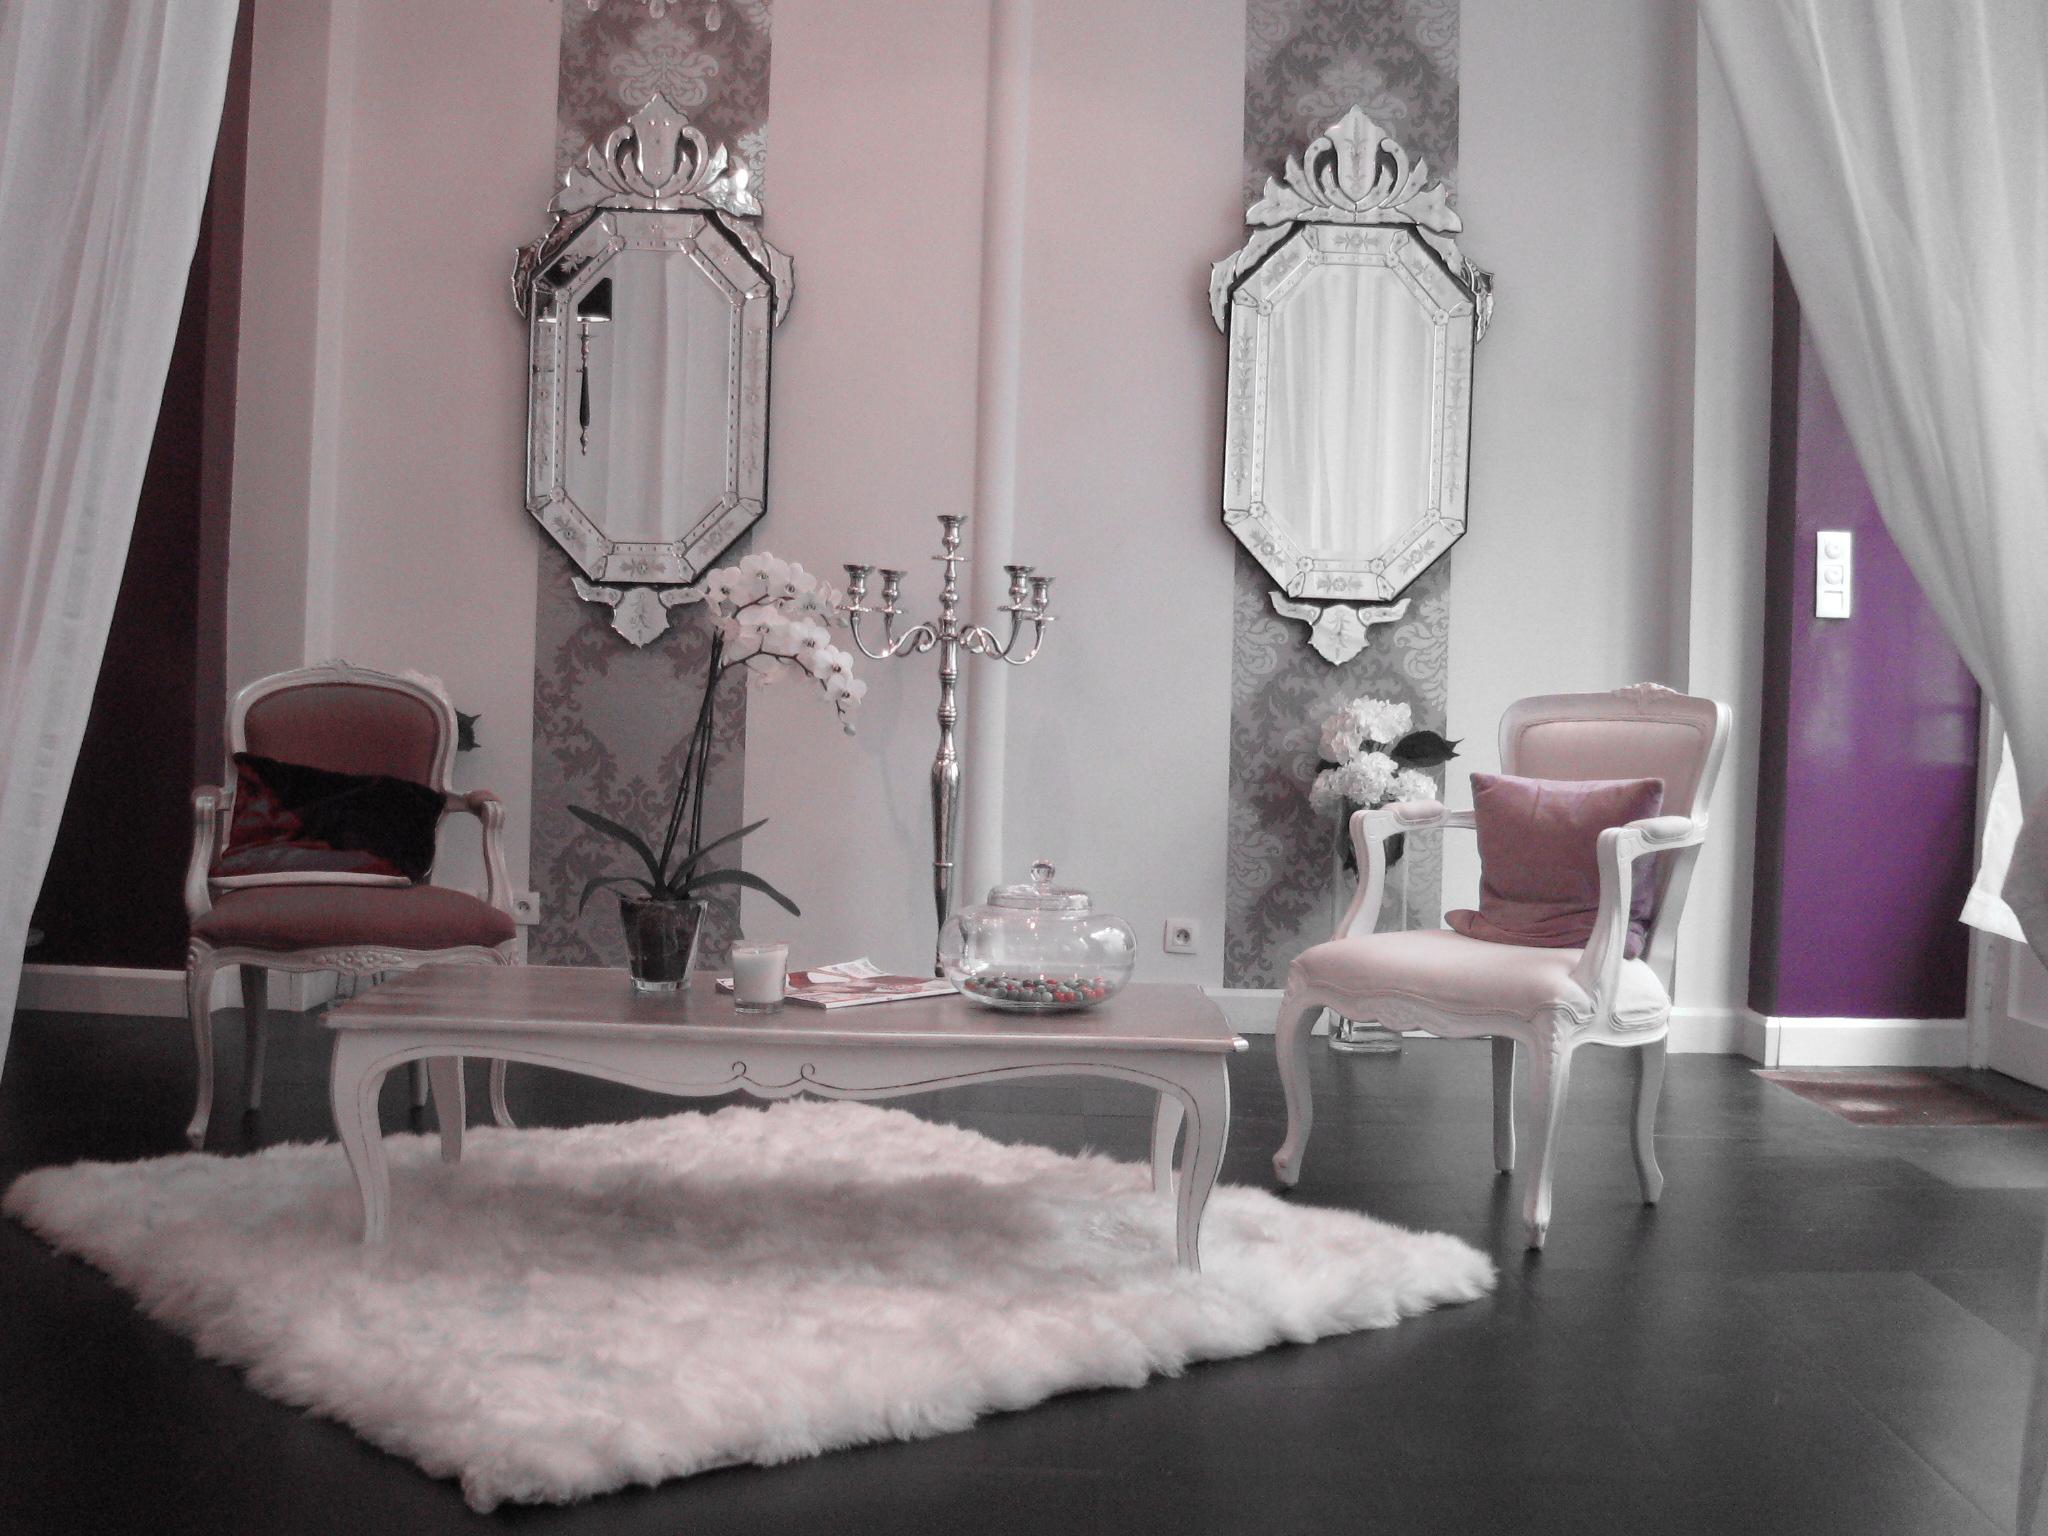 notre visite myst re de l 39 atelier du sourcil paris 17. Black Bedroom Furniture Sets. Home Design Ideas